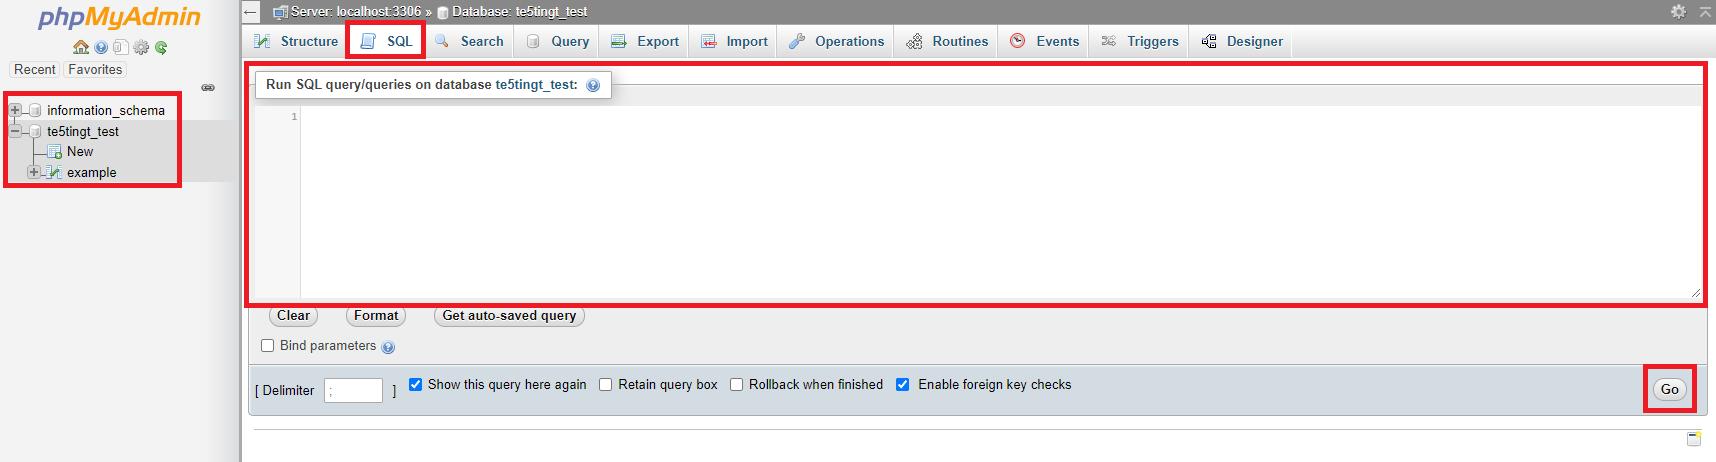 PHPMyAdmin Run SQL Query